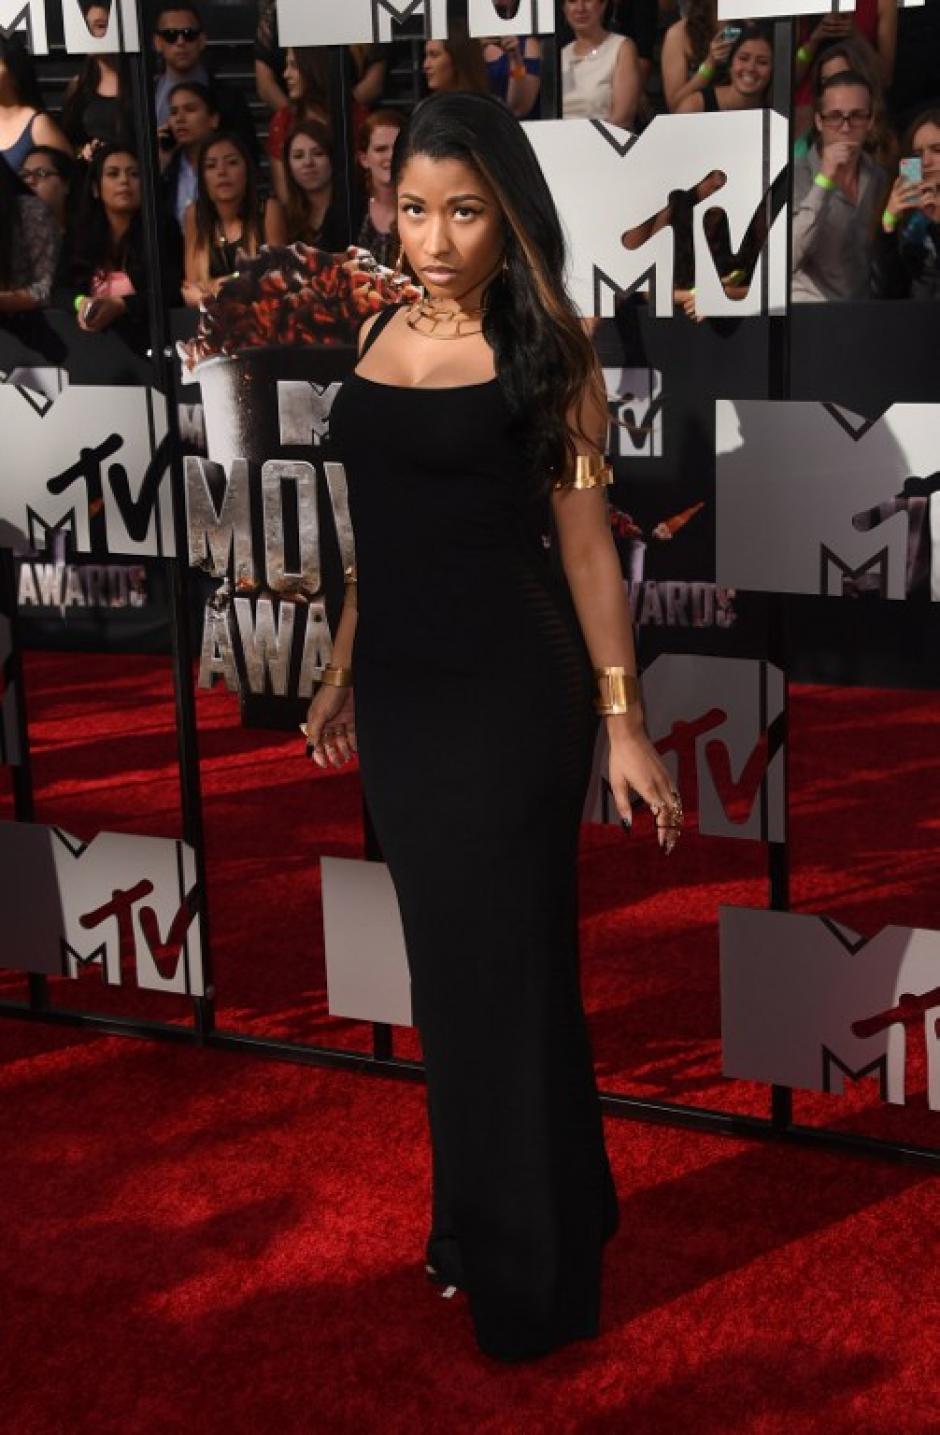 A diferencia de otras veces cuando destaca por sus exóticos atuendos, la artista Nicki Minaj se enfundó en un sobrio vestido negro en premios MTV. (Foto:AFP)